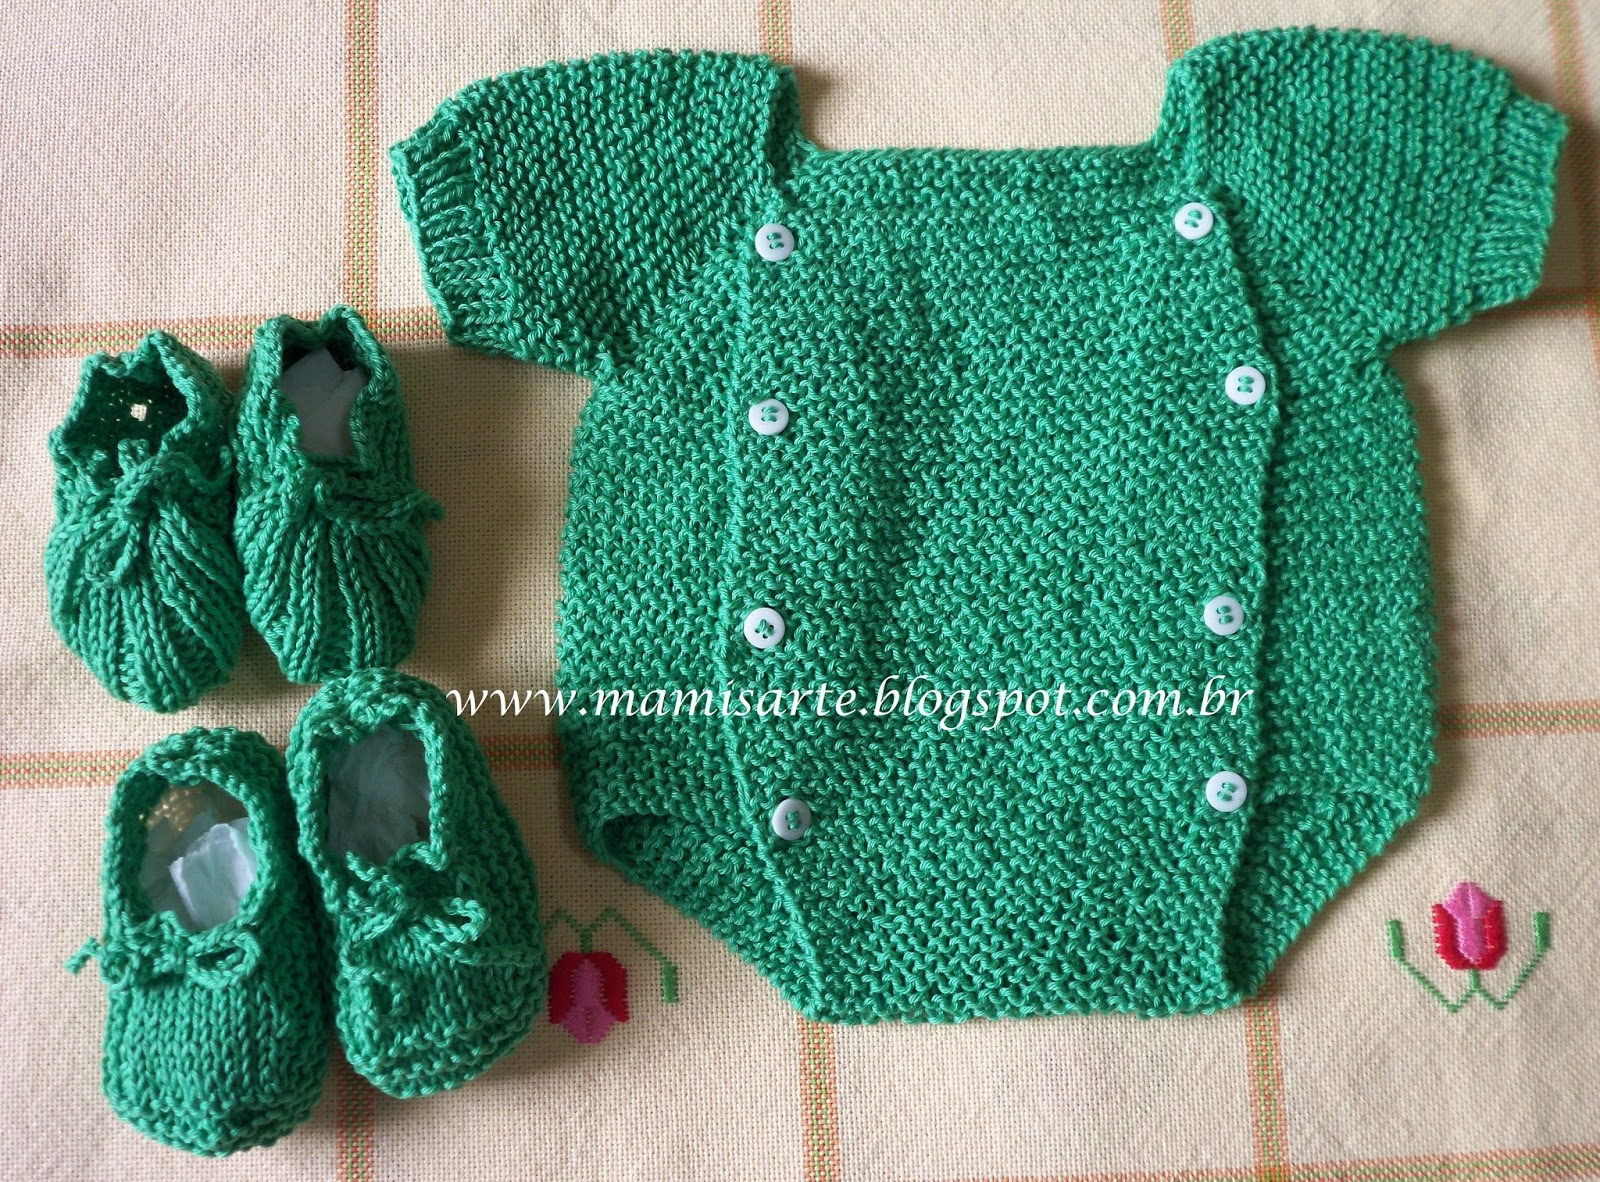 da69bb8a64e4d Crochet et Tricot da Mamis  Top Bebê com Mangas Curtas em Tricot ...